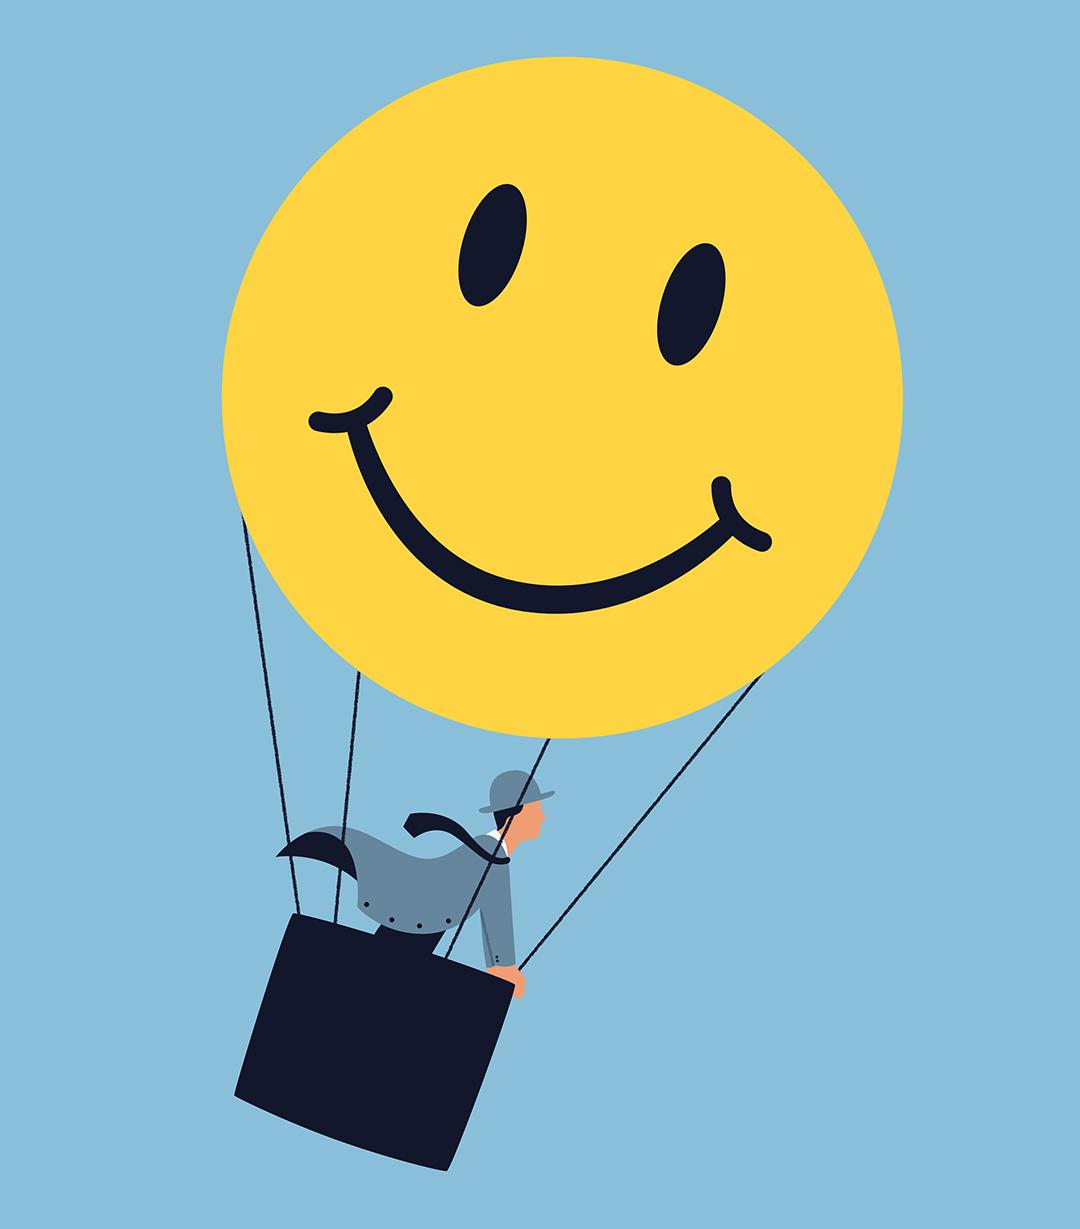 happiness focus francesco ciccolella